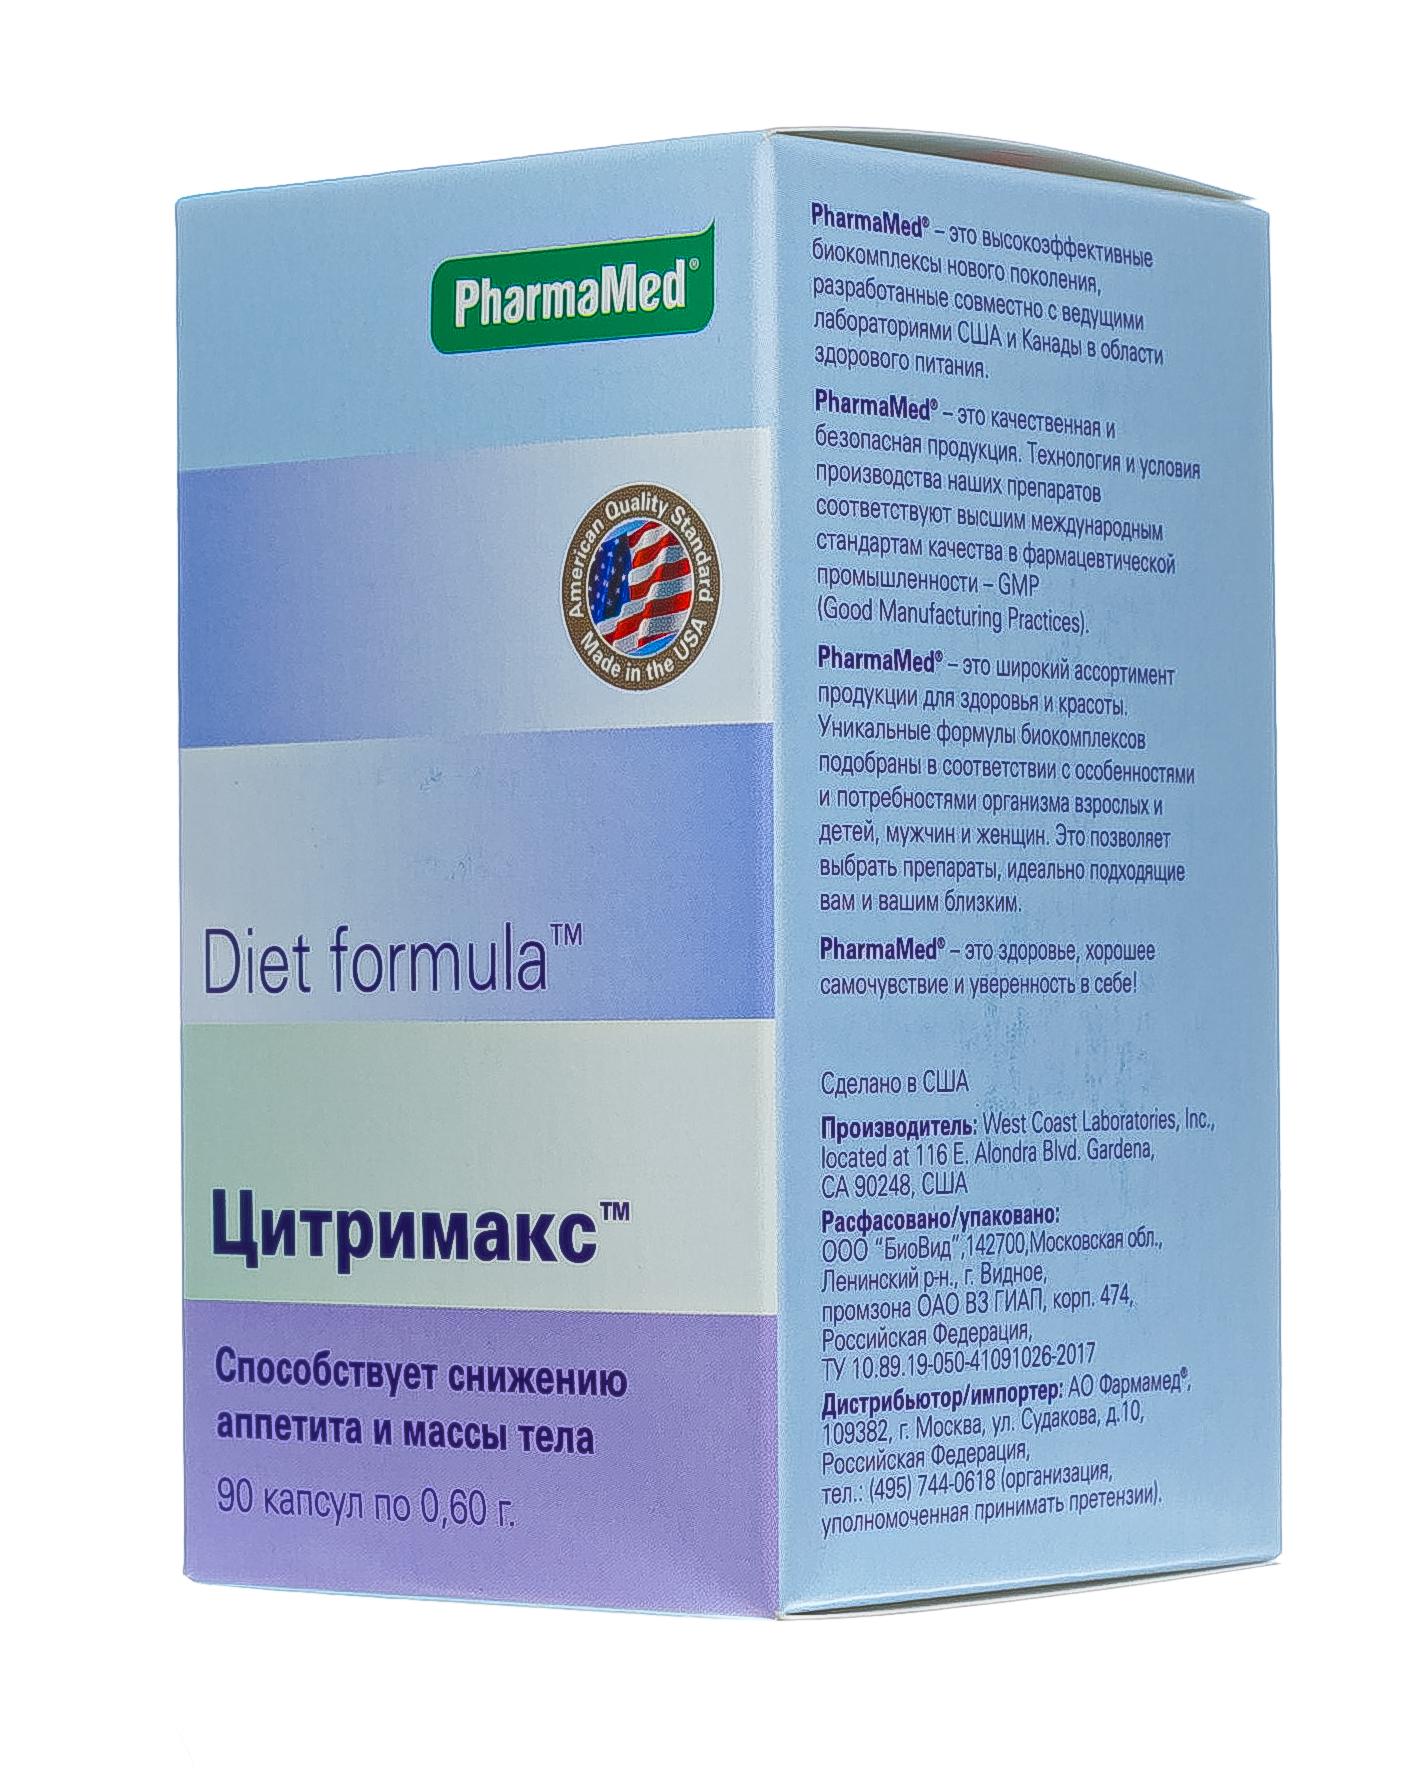 Диет формула очищение таблетки отзывы